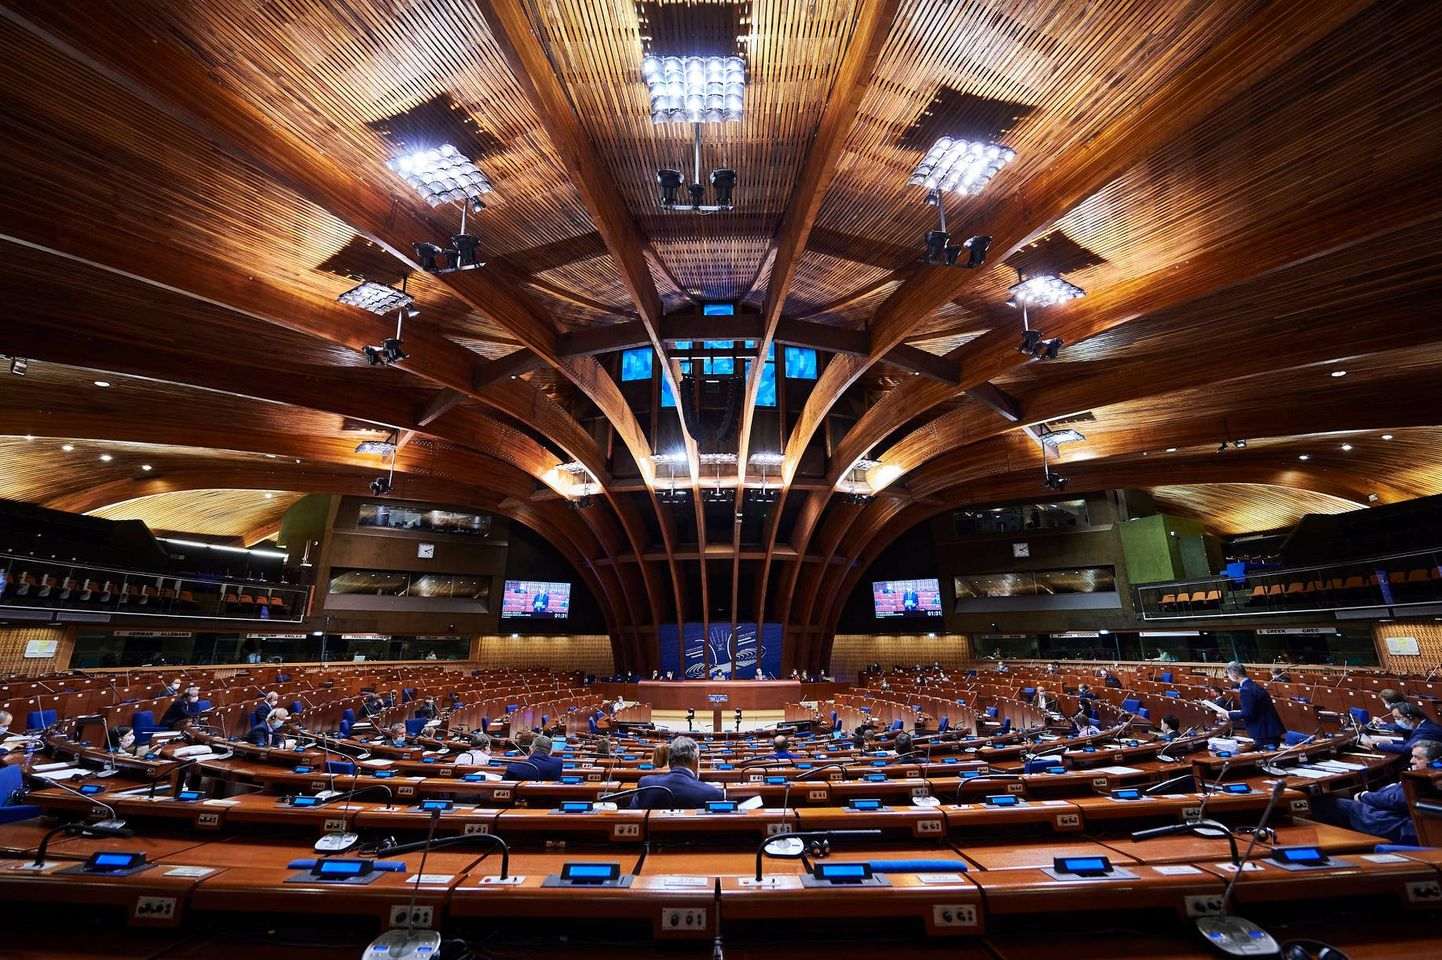 Azərbaycanlı deputat Avropa Şurasını dünya diaspor siyasətinin inkişafına xidmət edəcək forum keçirməyə çağırıb